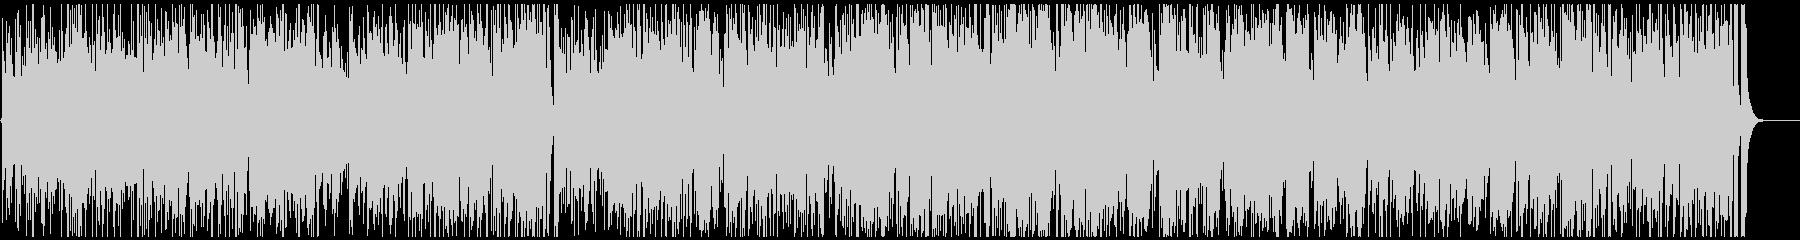 トロピカルなラテンジャズ バリトンverの未再生の波形